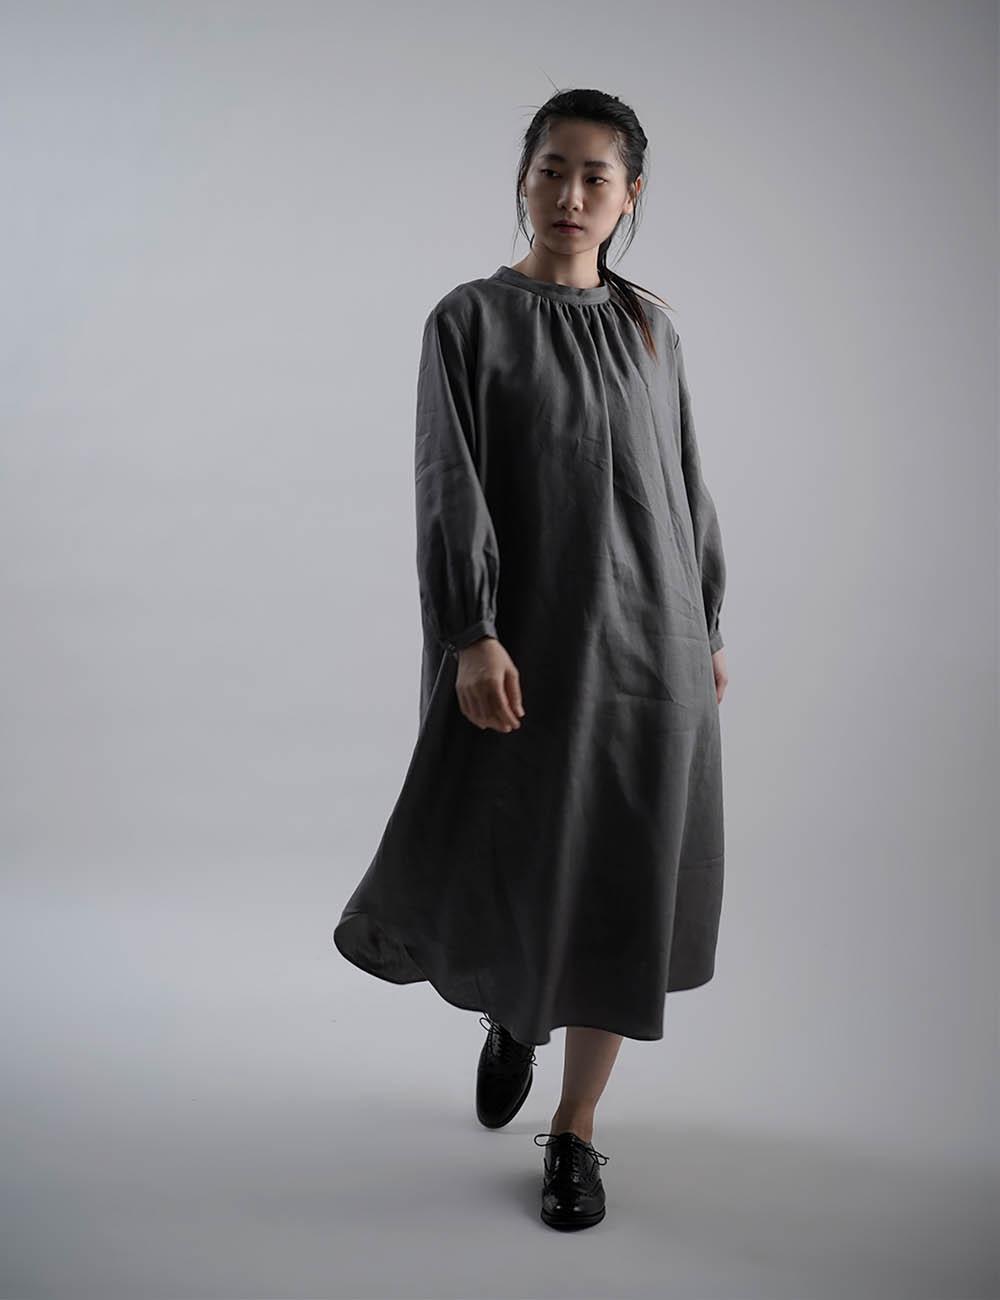 【wafu】Linen Dress  あきすぎないネック のラウンドテールドレス  /鈍色(にびいろ)【free】a034a-nib1